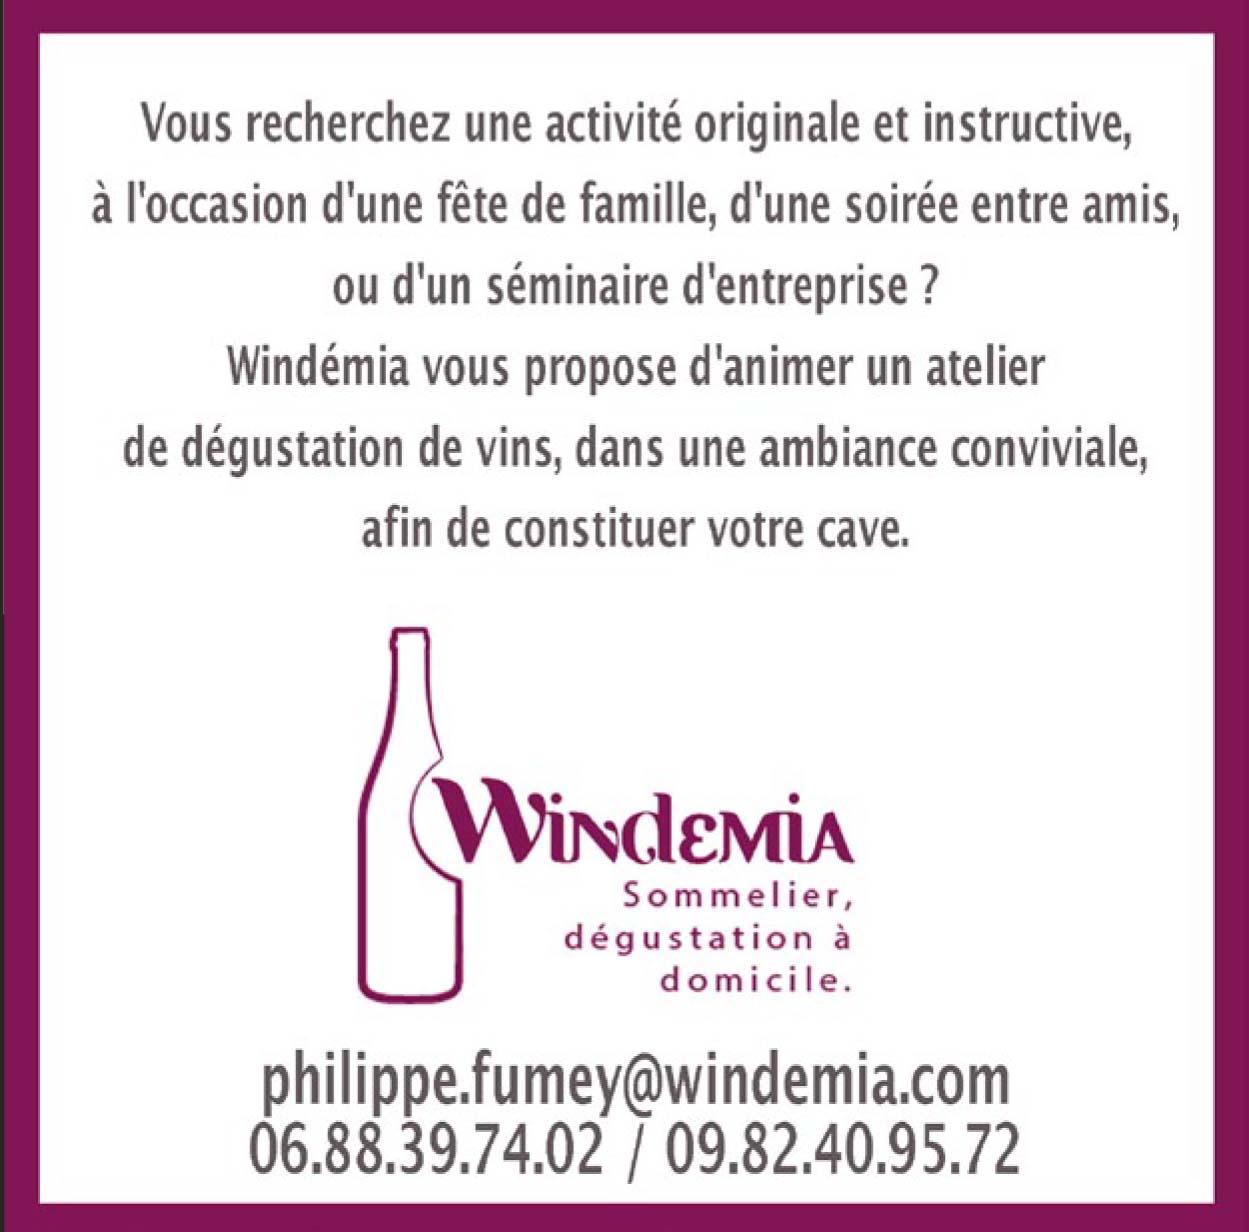 Windemia_bassequalité_modifié-1